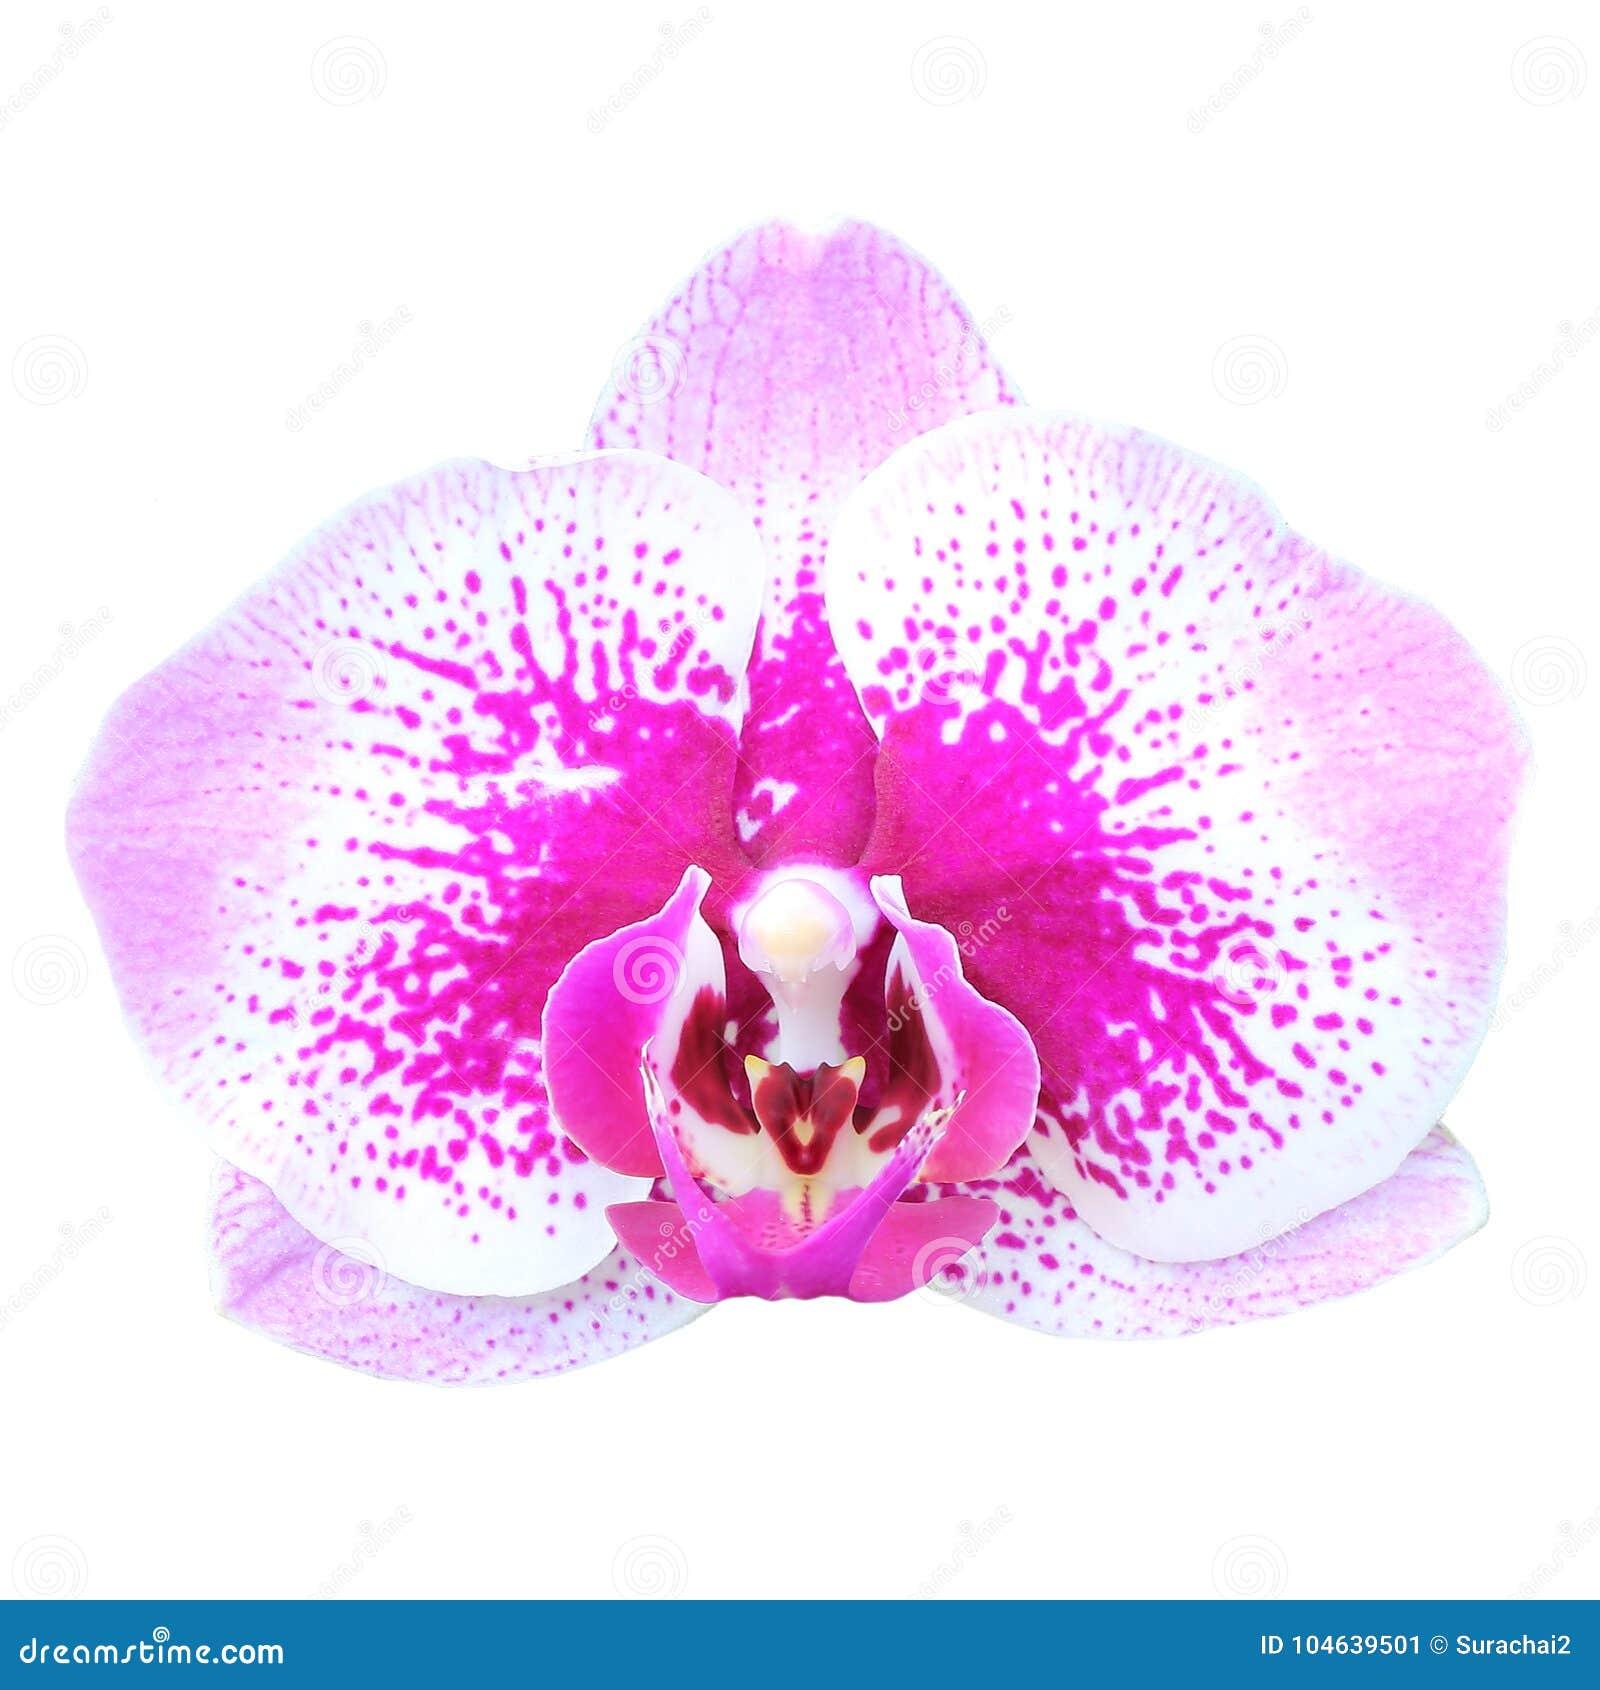 Download De Bloem Van De Orchidee Die Op Wit Wordt Geïsoleerd Stock Afbeelding - Afbeelding bestaande uit installatie, tropisch: 104639501